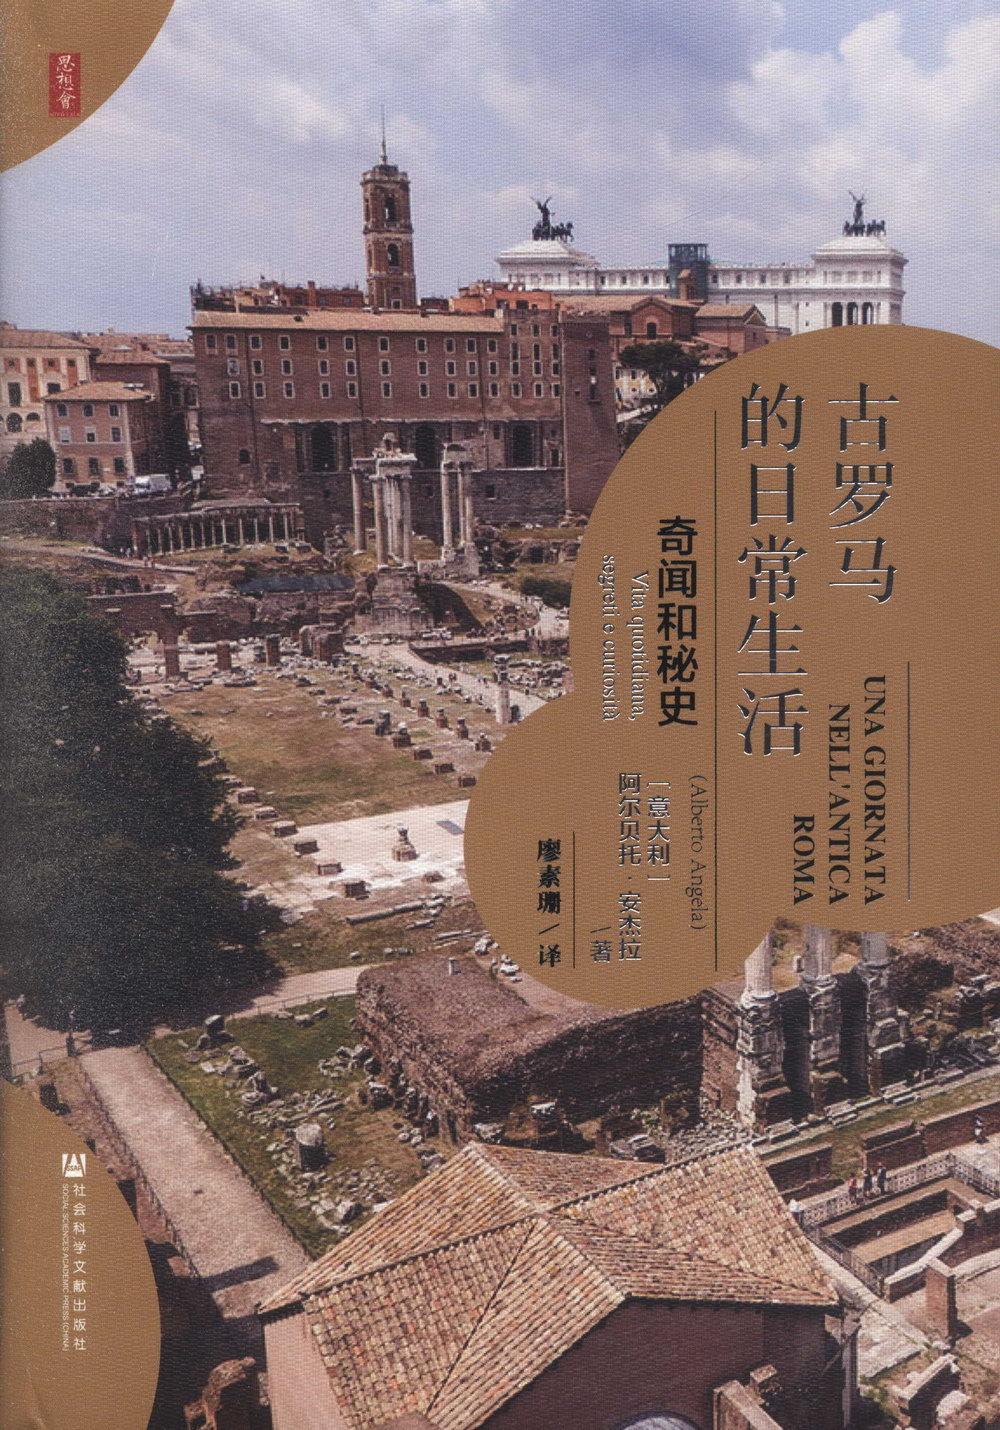 古羅馬的日常生活:奇聞和秘史